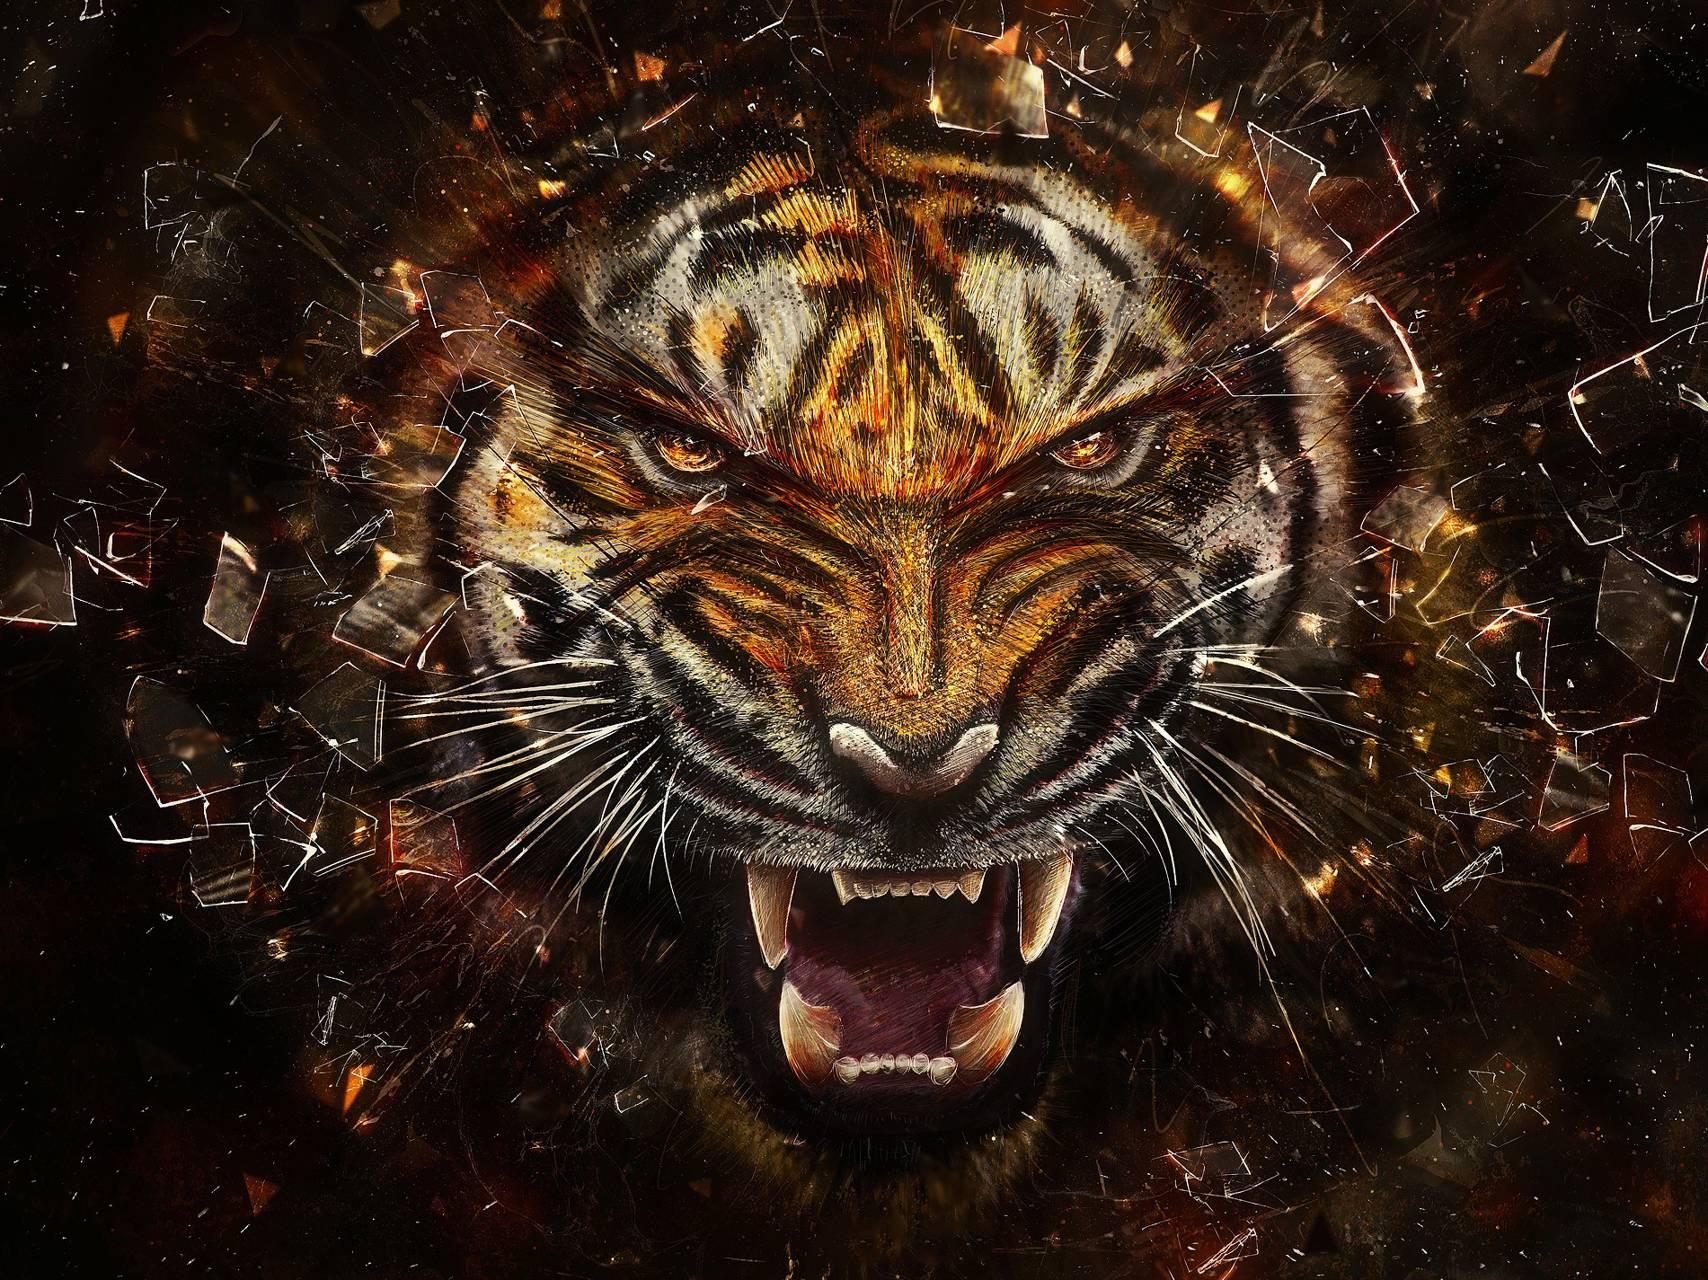 Smashing Tiger